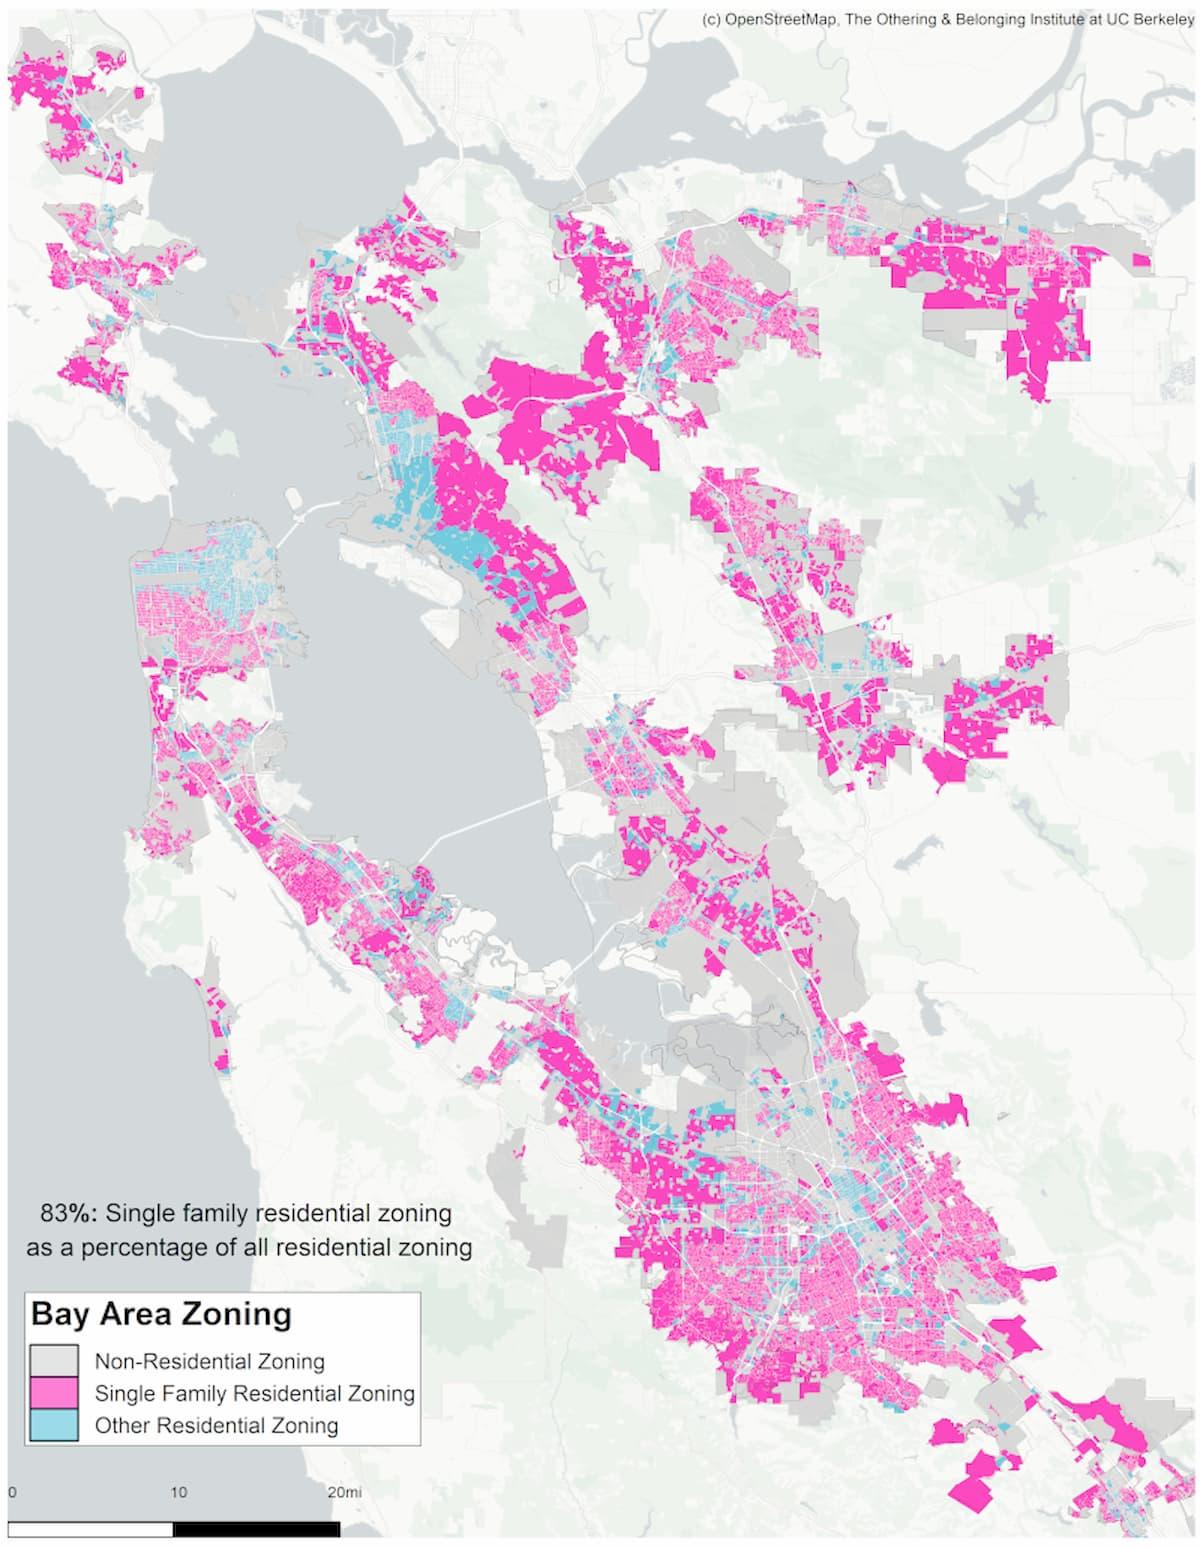 サンフランシスコ・ベイエリアのゾーニングのマッピング。ほとんどが一戸建て区画。住宅需要が高い地域にも関わらず、新規住宅の追加を認めない区画が策定されている。Source: Othering & Belonging Institute, UCLA